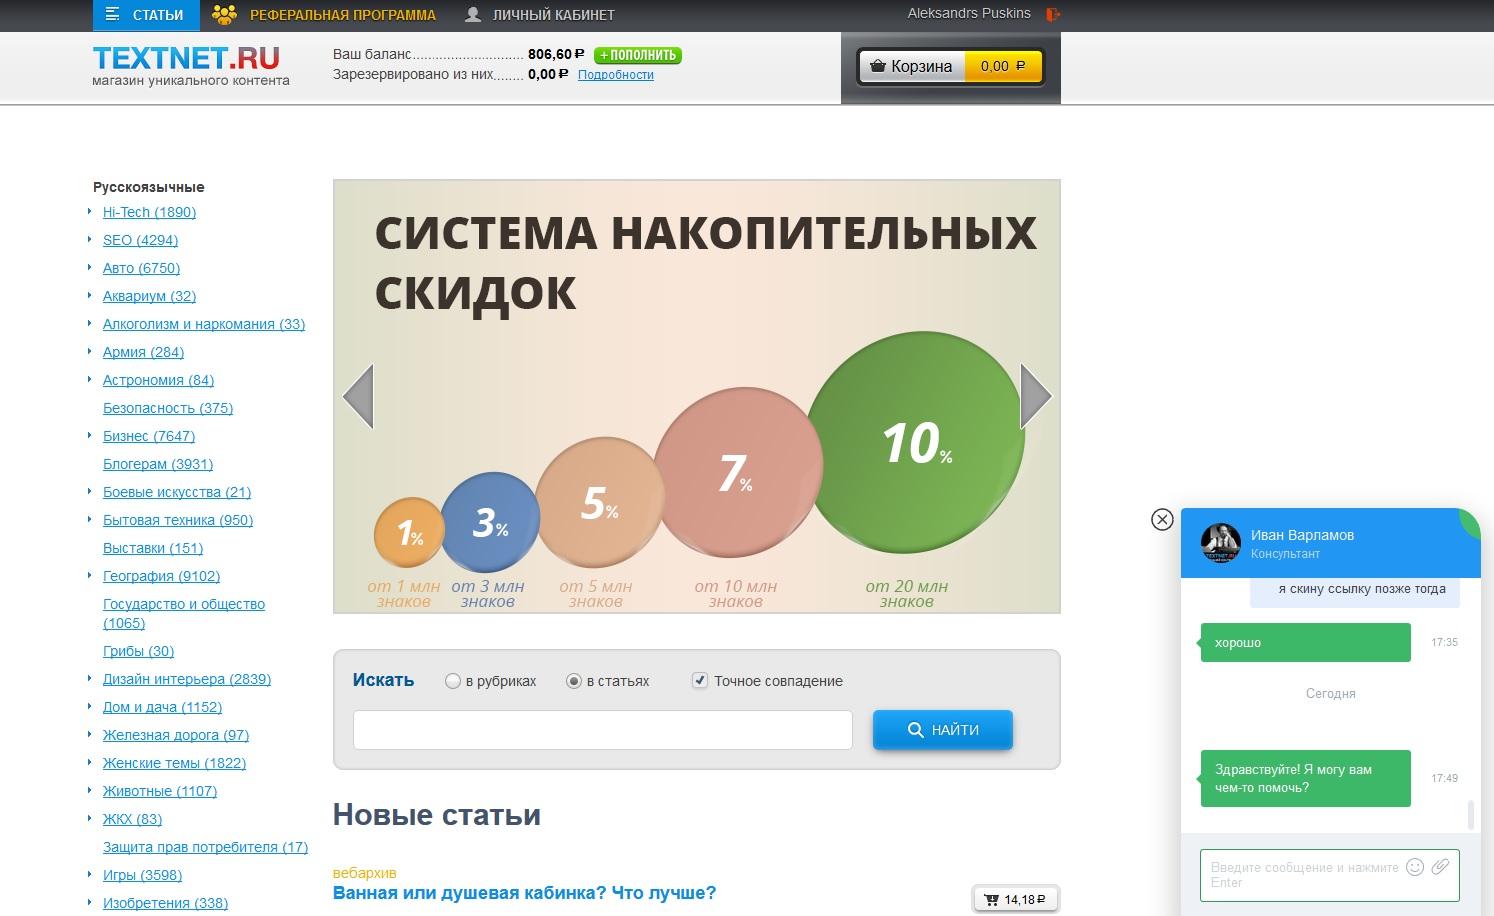 Скачать Вконтакте на компьютер Windows 7, 8, 10 бесплатно